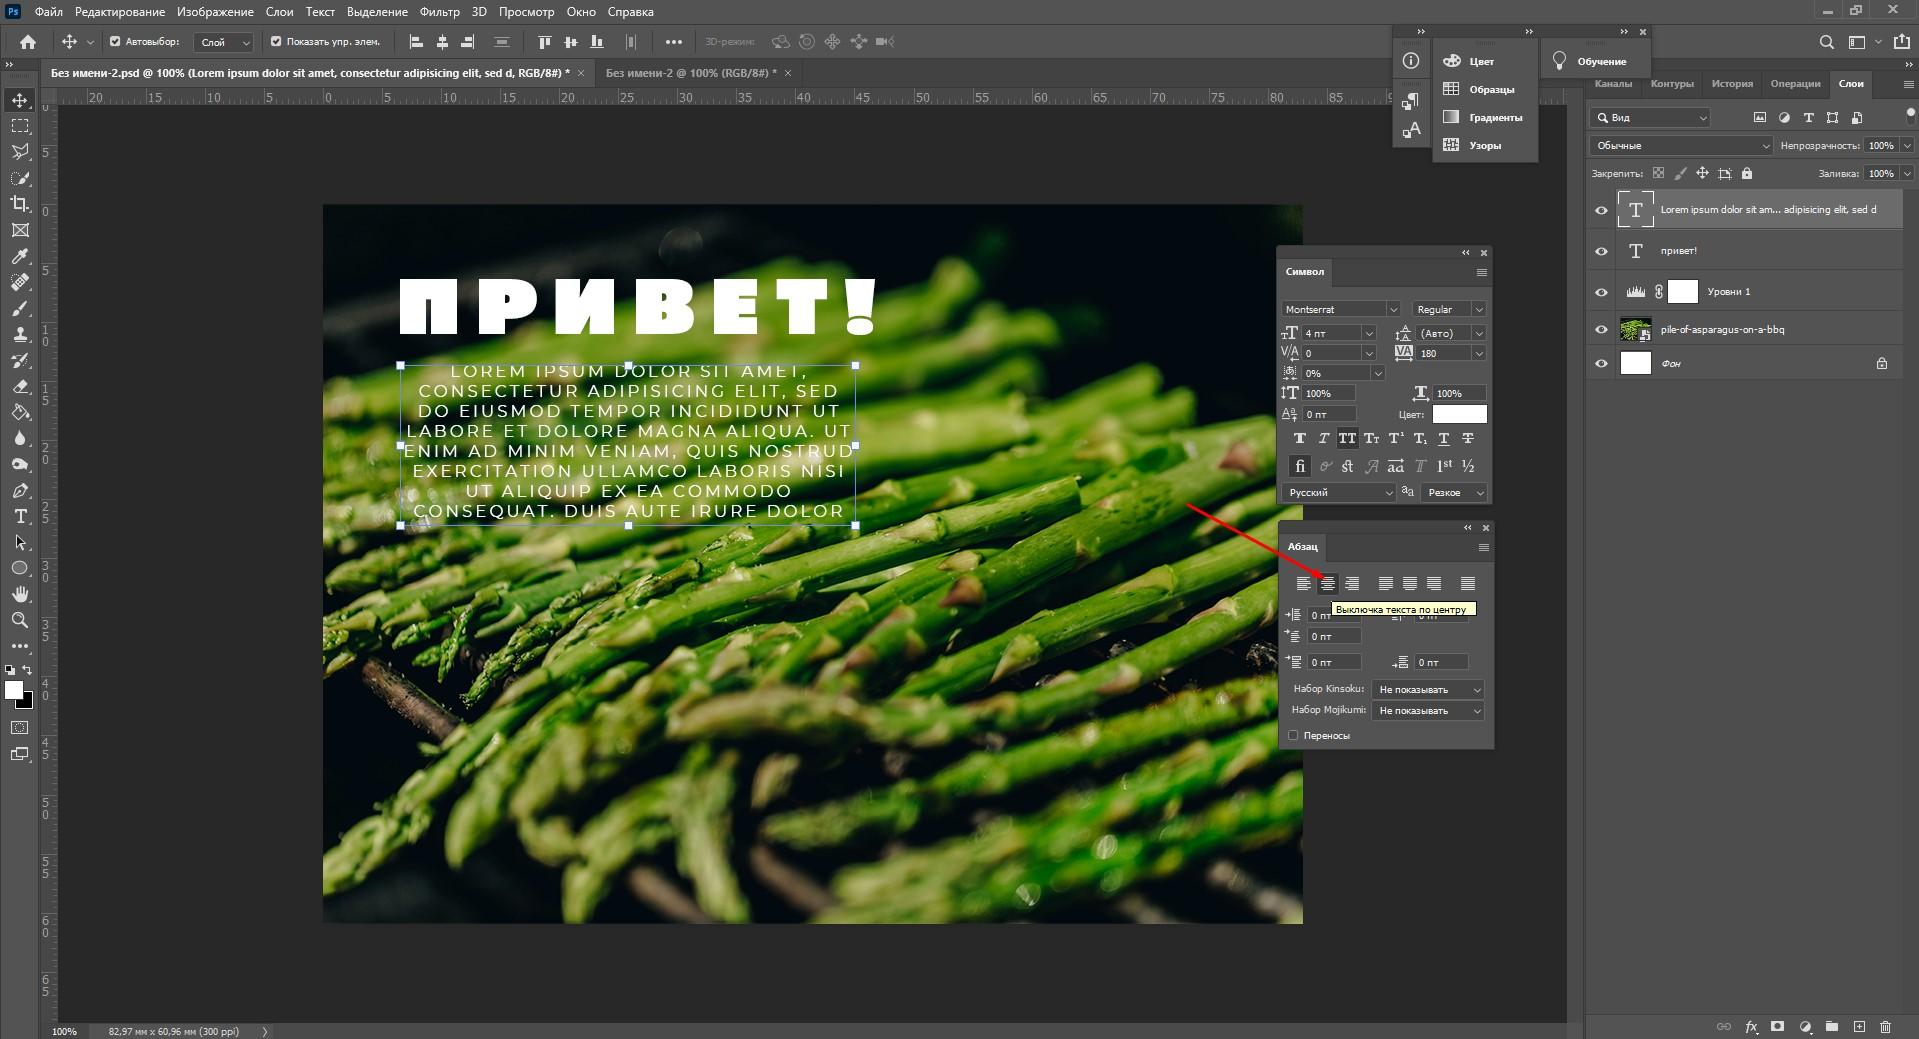 Nivellering af tekst i Photoshop